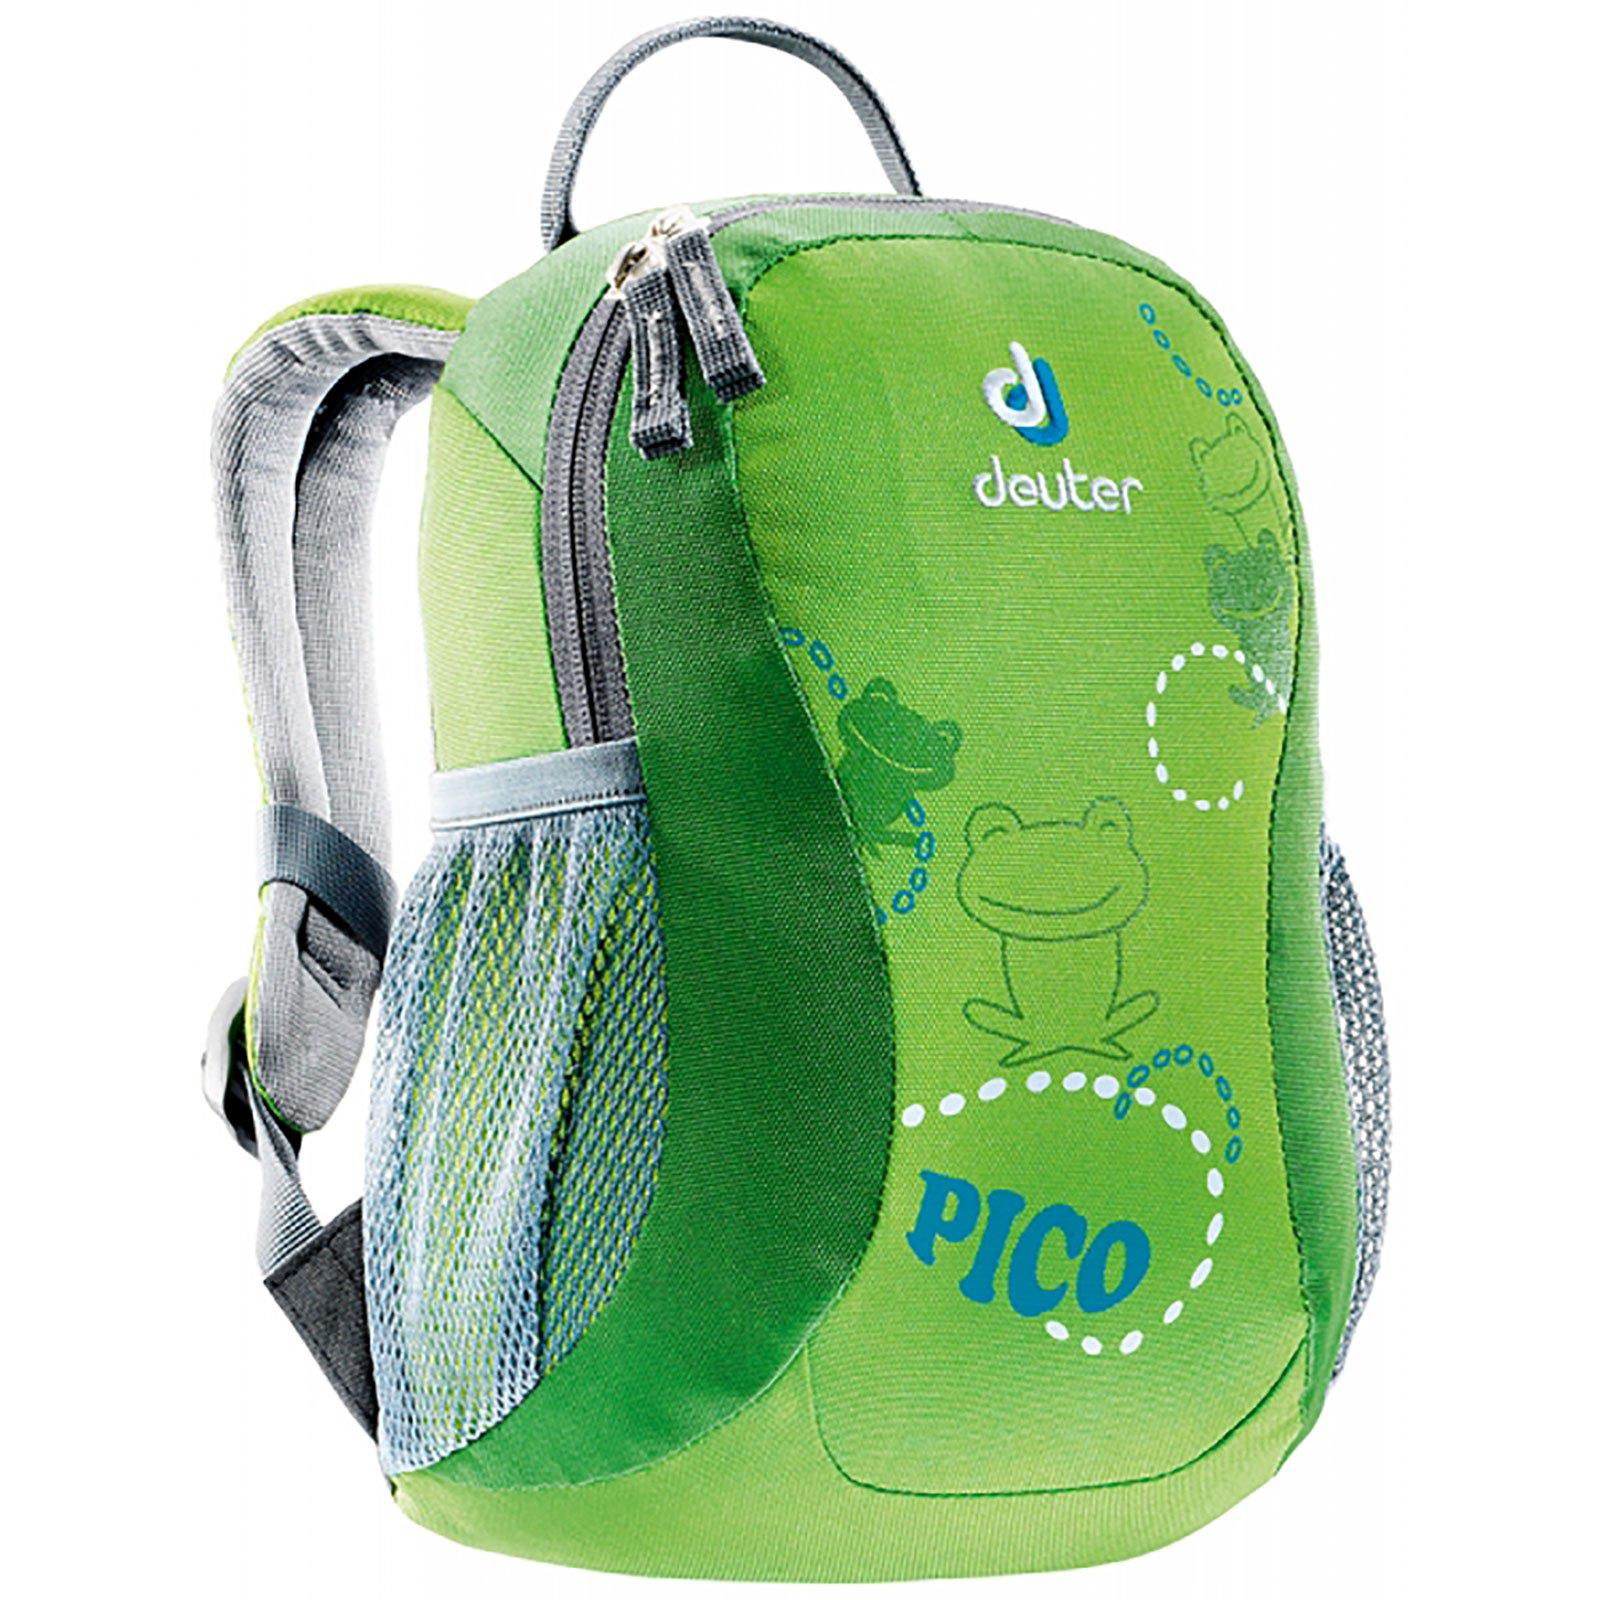 Рюкзак Deuter 2015 Family Pico kiwi, Детские рюкзаки - арт. 677490289